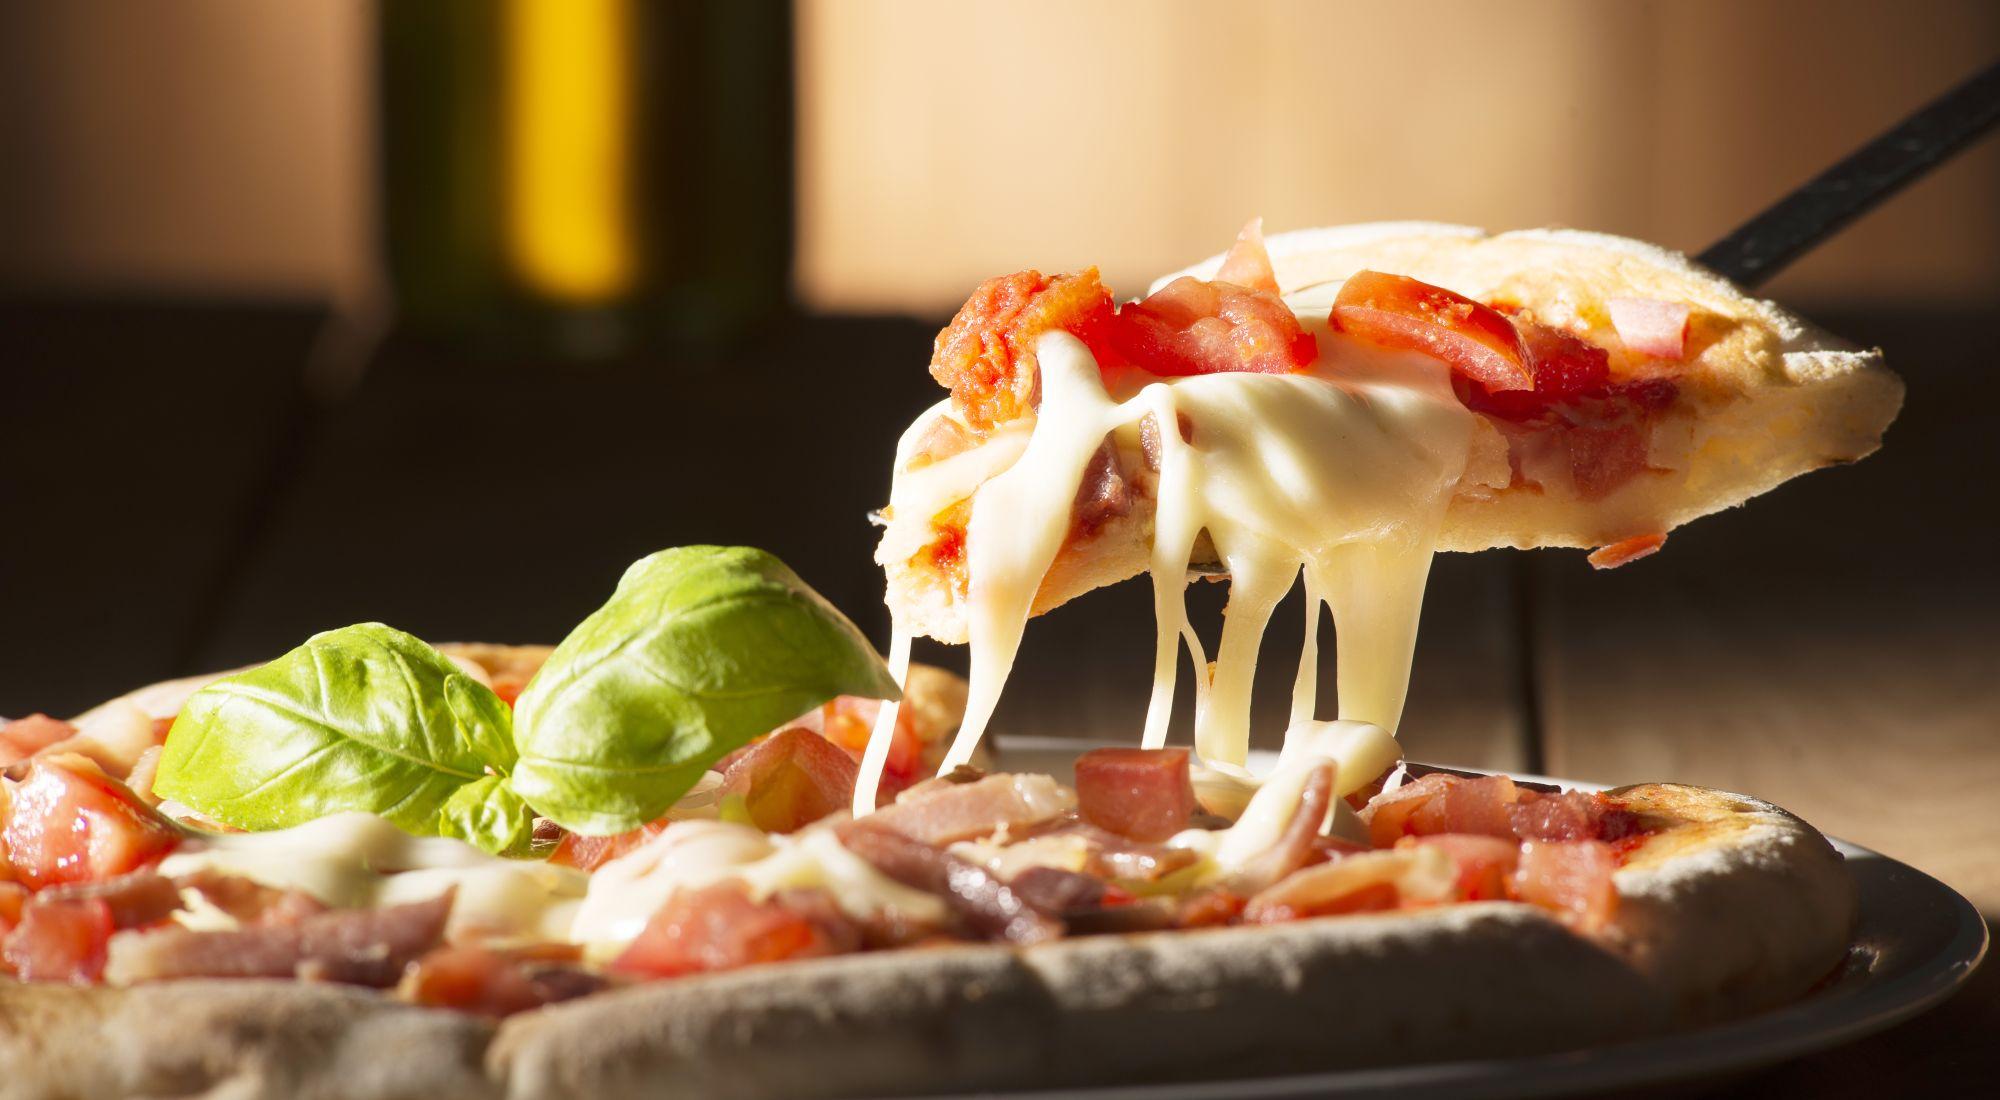 Pizza Vikend – Fast Food Bamboo – Uz dvije naručene male pizze treća GRATIS i za svaku naručenu veliku pizzu GRATIS coca cola od 1 L. Narudžbe putem telefona na broj 051/308 638 ili weba www.fastfoodbamboo.eu.